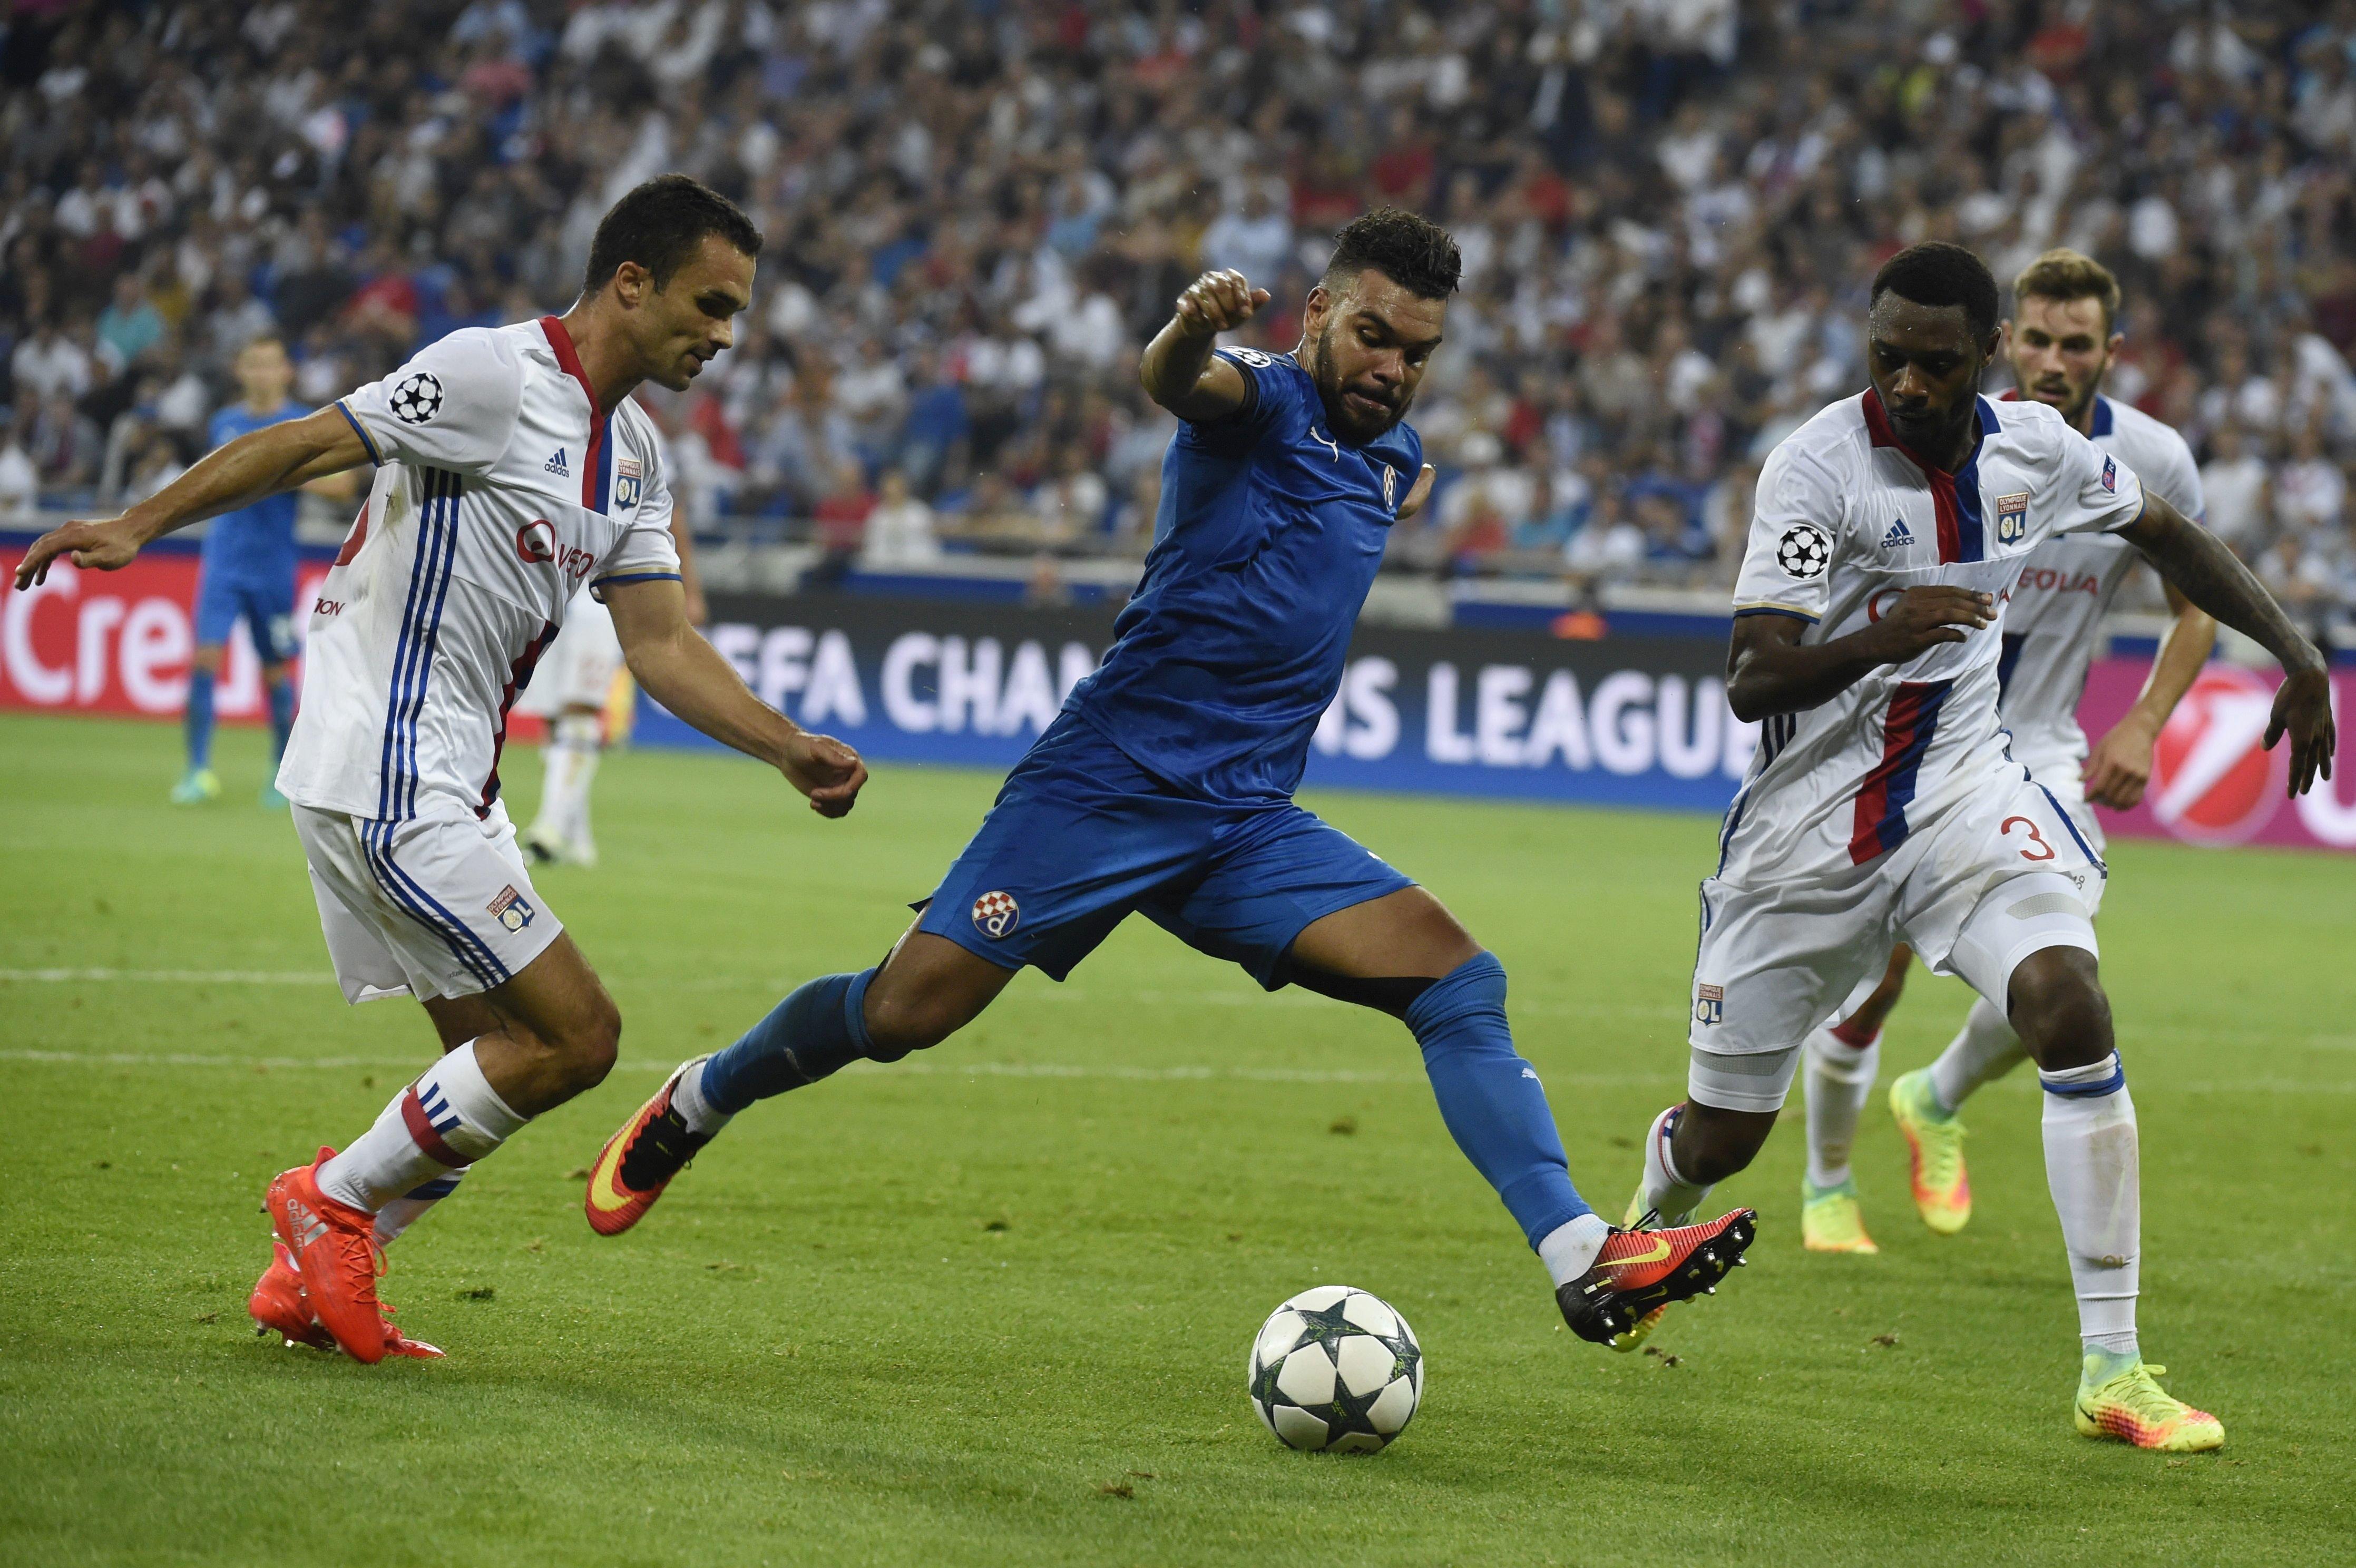 Championnat croate : Soudani sacré meilleur